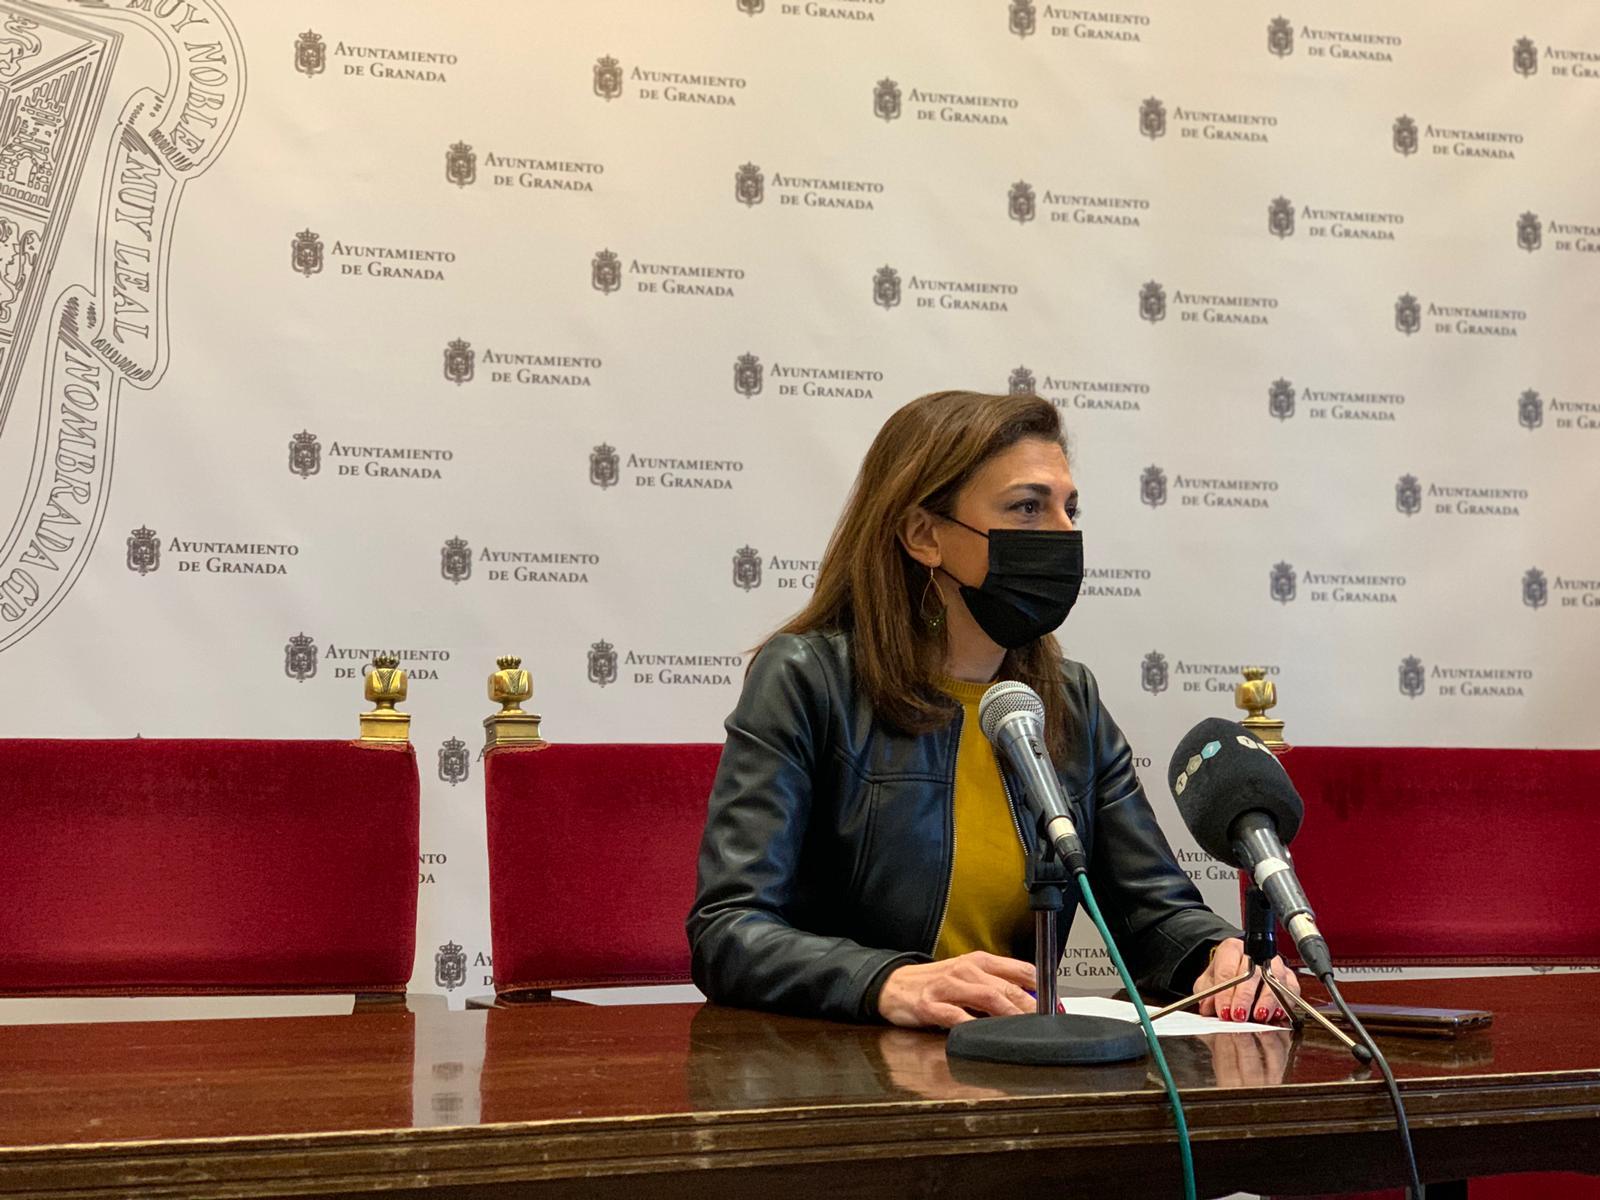 Los hosteleros siguen sin recibir compensaciones por los impuestos de terrazas según el PSOE